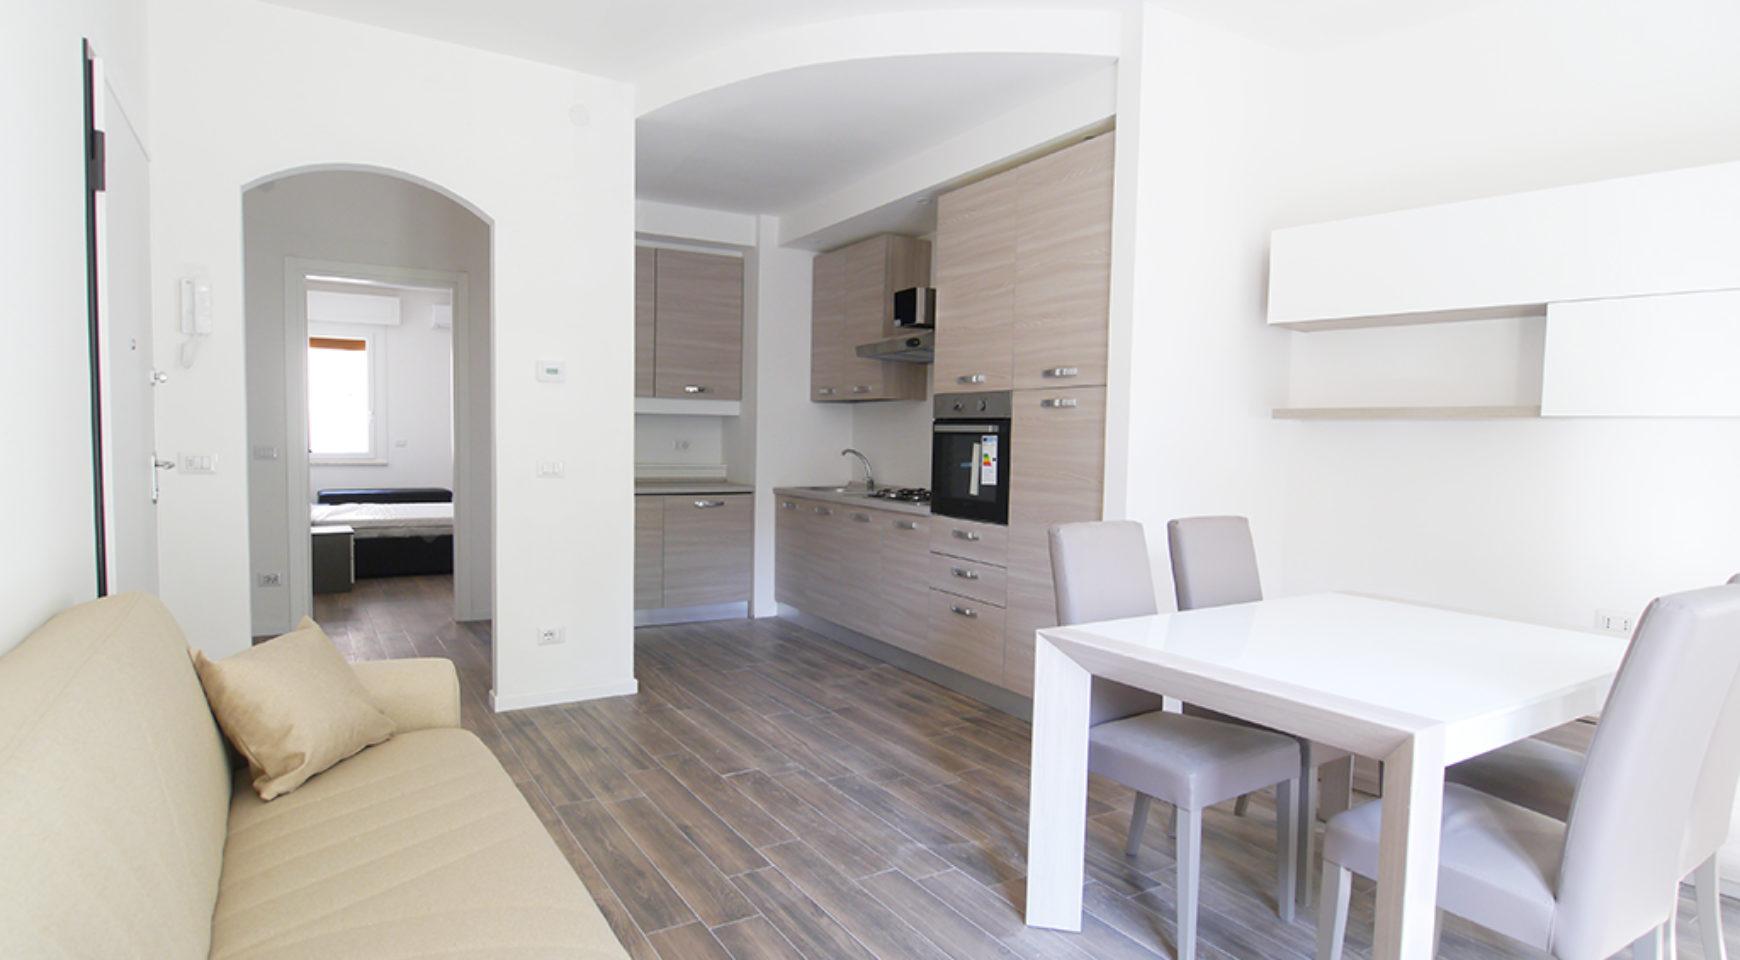 Agenzie Immobiliari Mantova appartamento in locazione ristrutturato – immobiliare